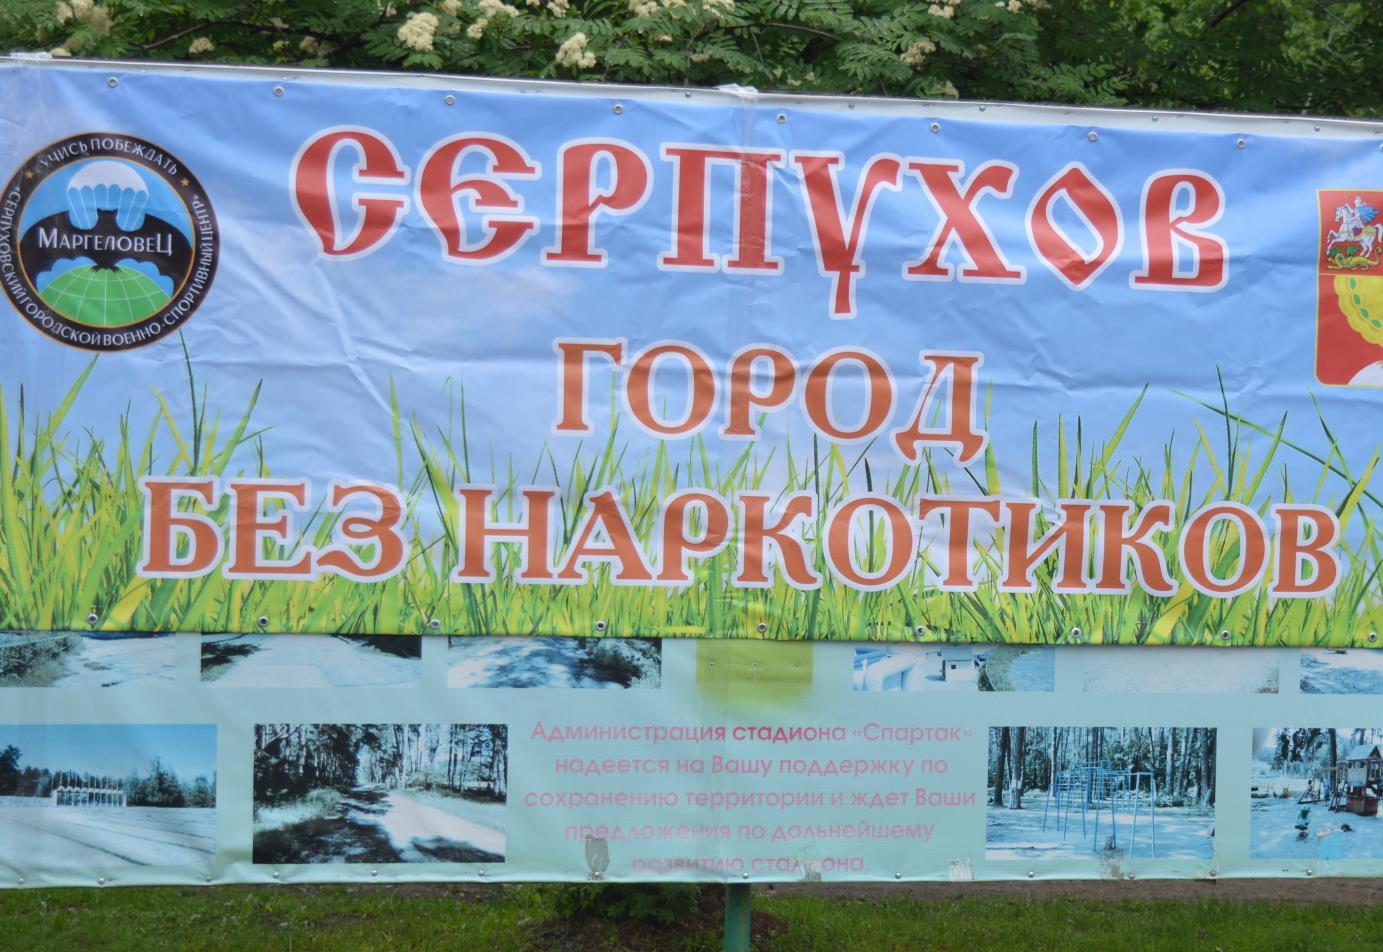 В городском округе Серпухов прошло мероприятие в рамках общественного движения «Серпухов – город без наркотиков»